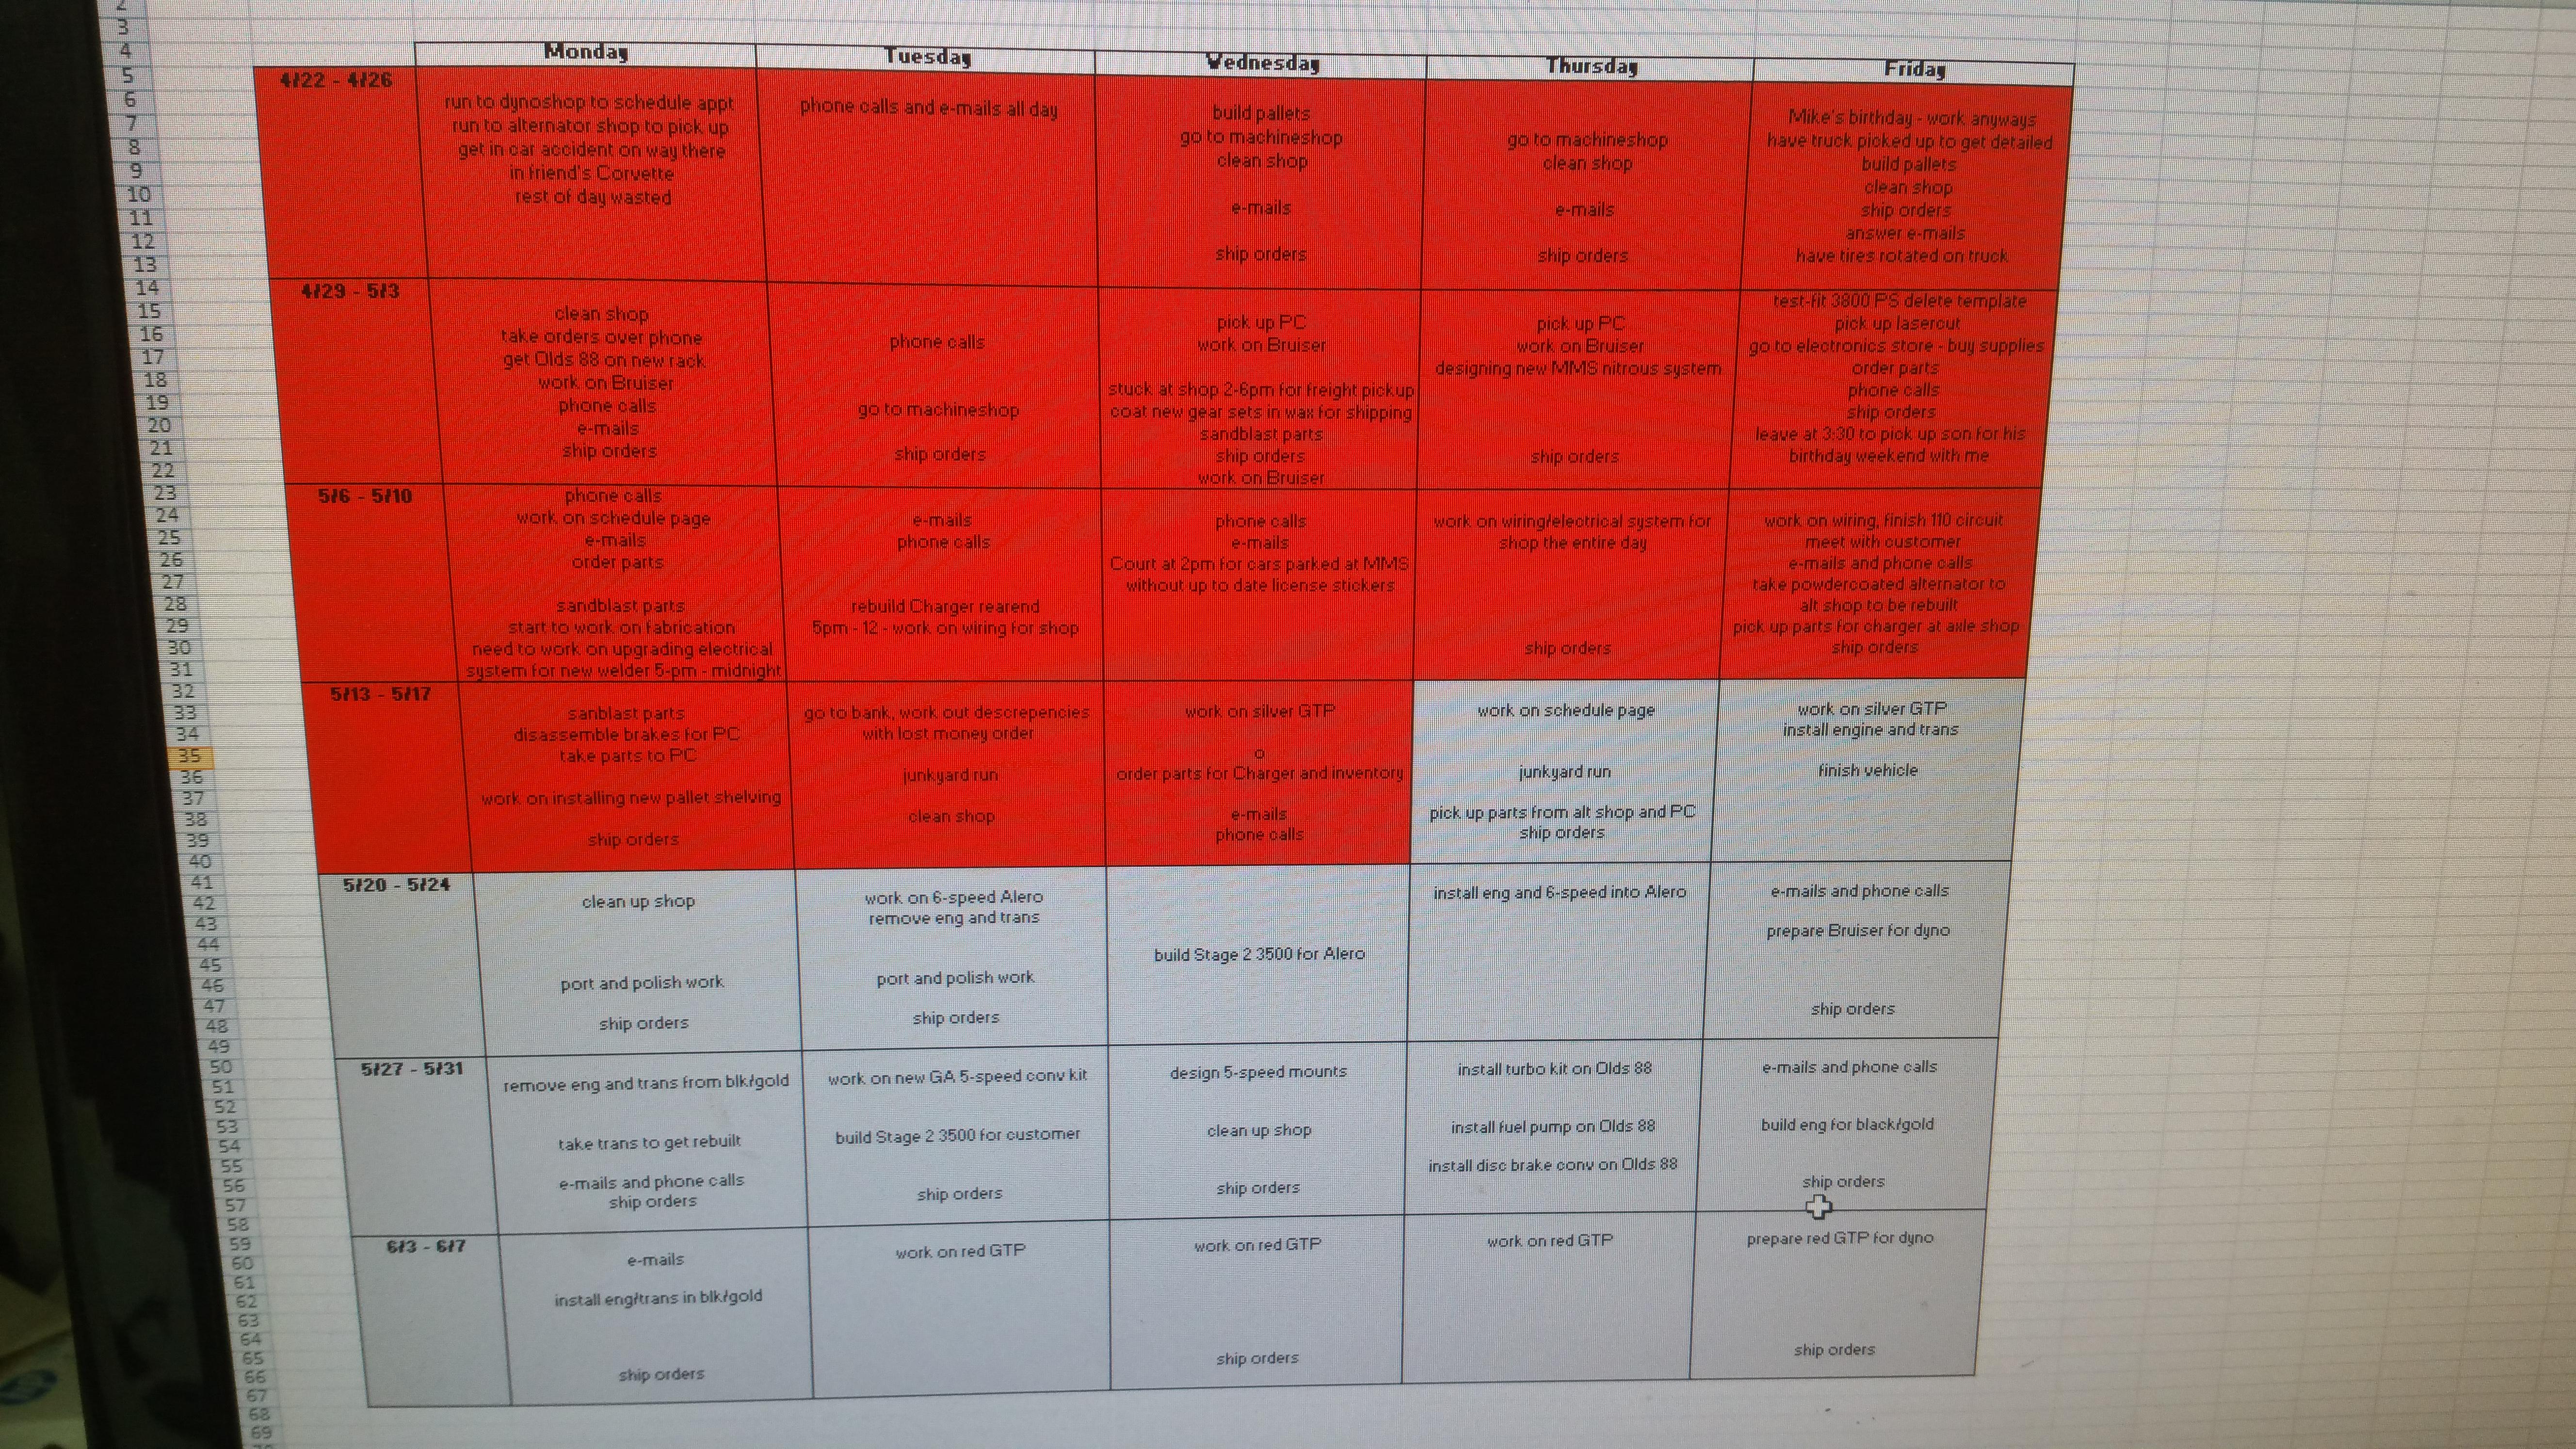 schedule051619.jpg